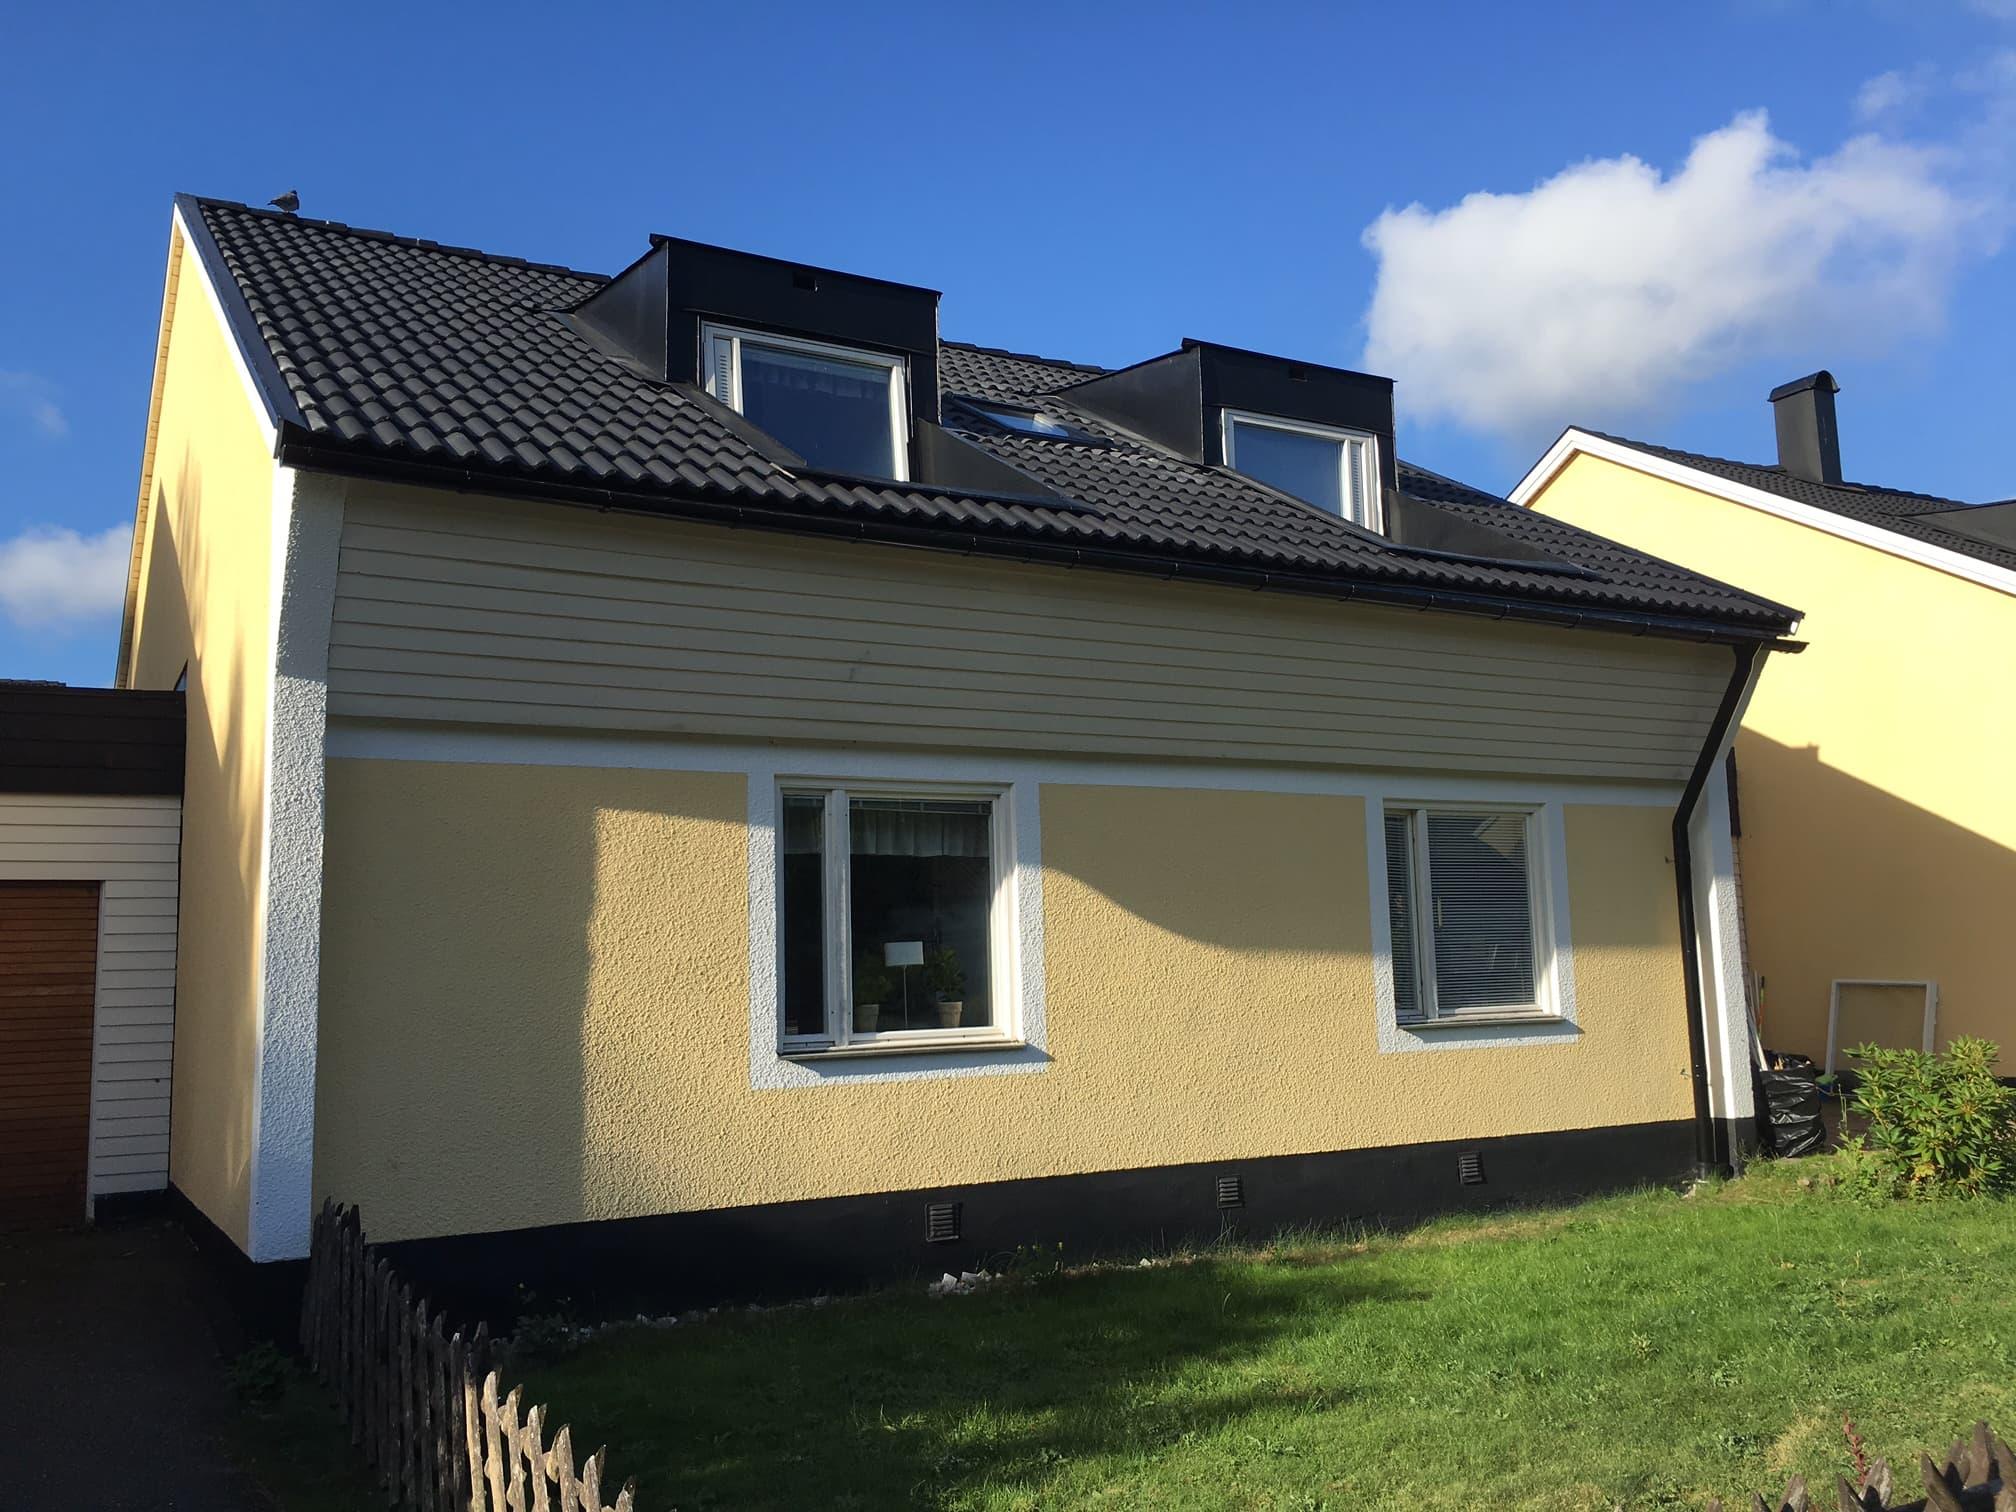 Takrenovering, takläggning Vällingby